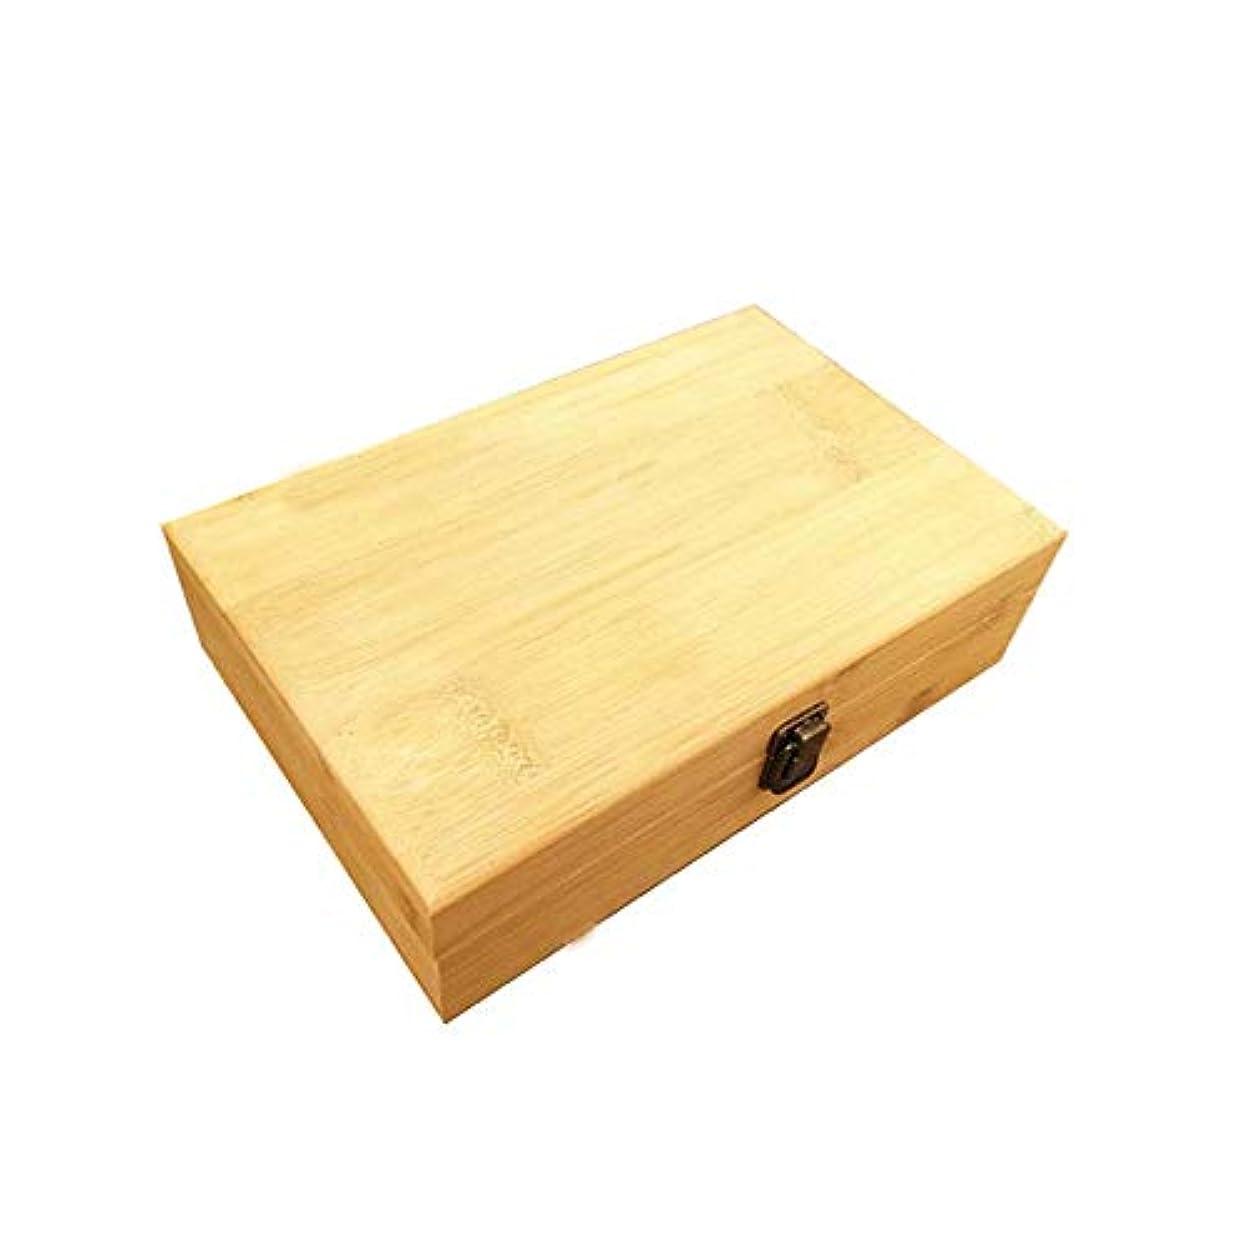 スポーツメロドラマ代理人エッセンシャルオイルの保管 40スロットエッセンシャルオイルボックス木製収納ケースは、40本のボトルエッセンシャルオイルスペースセーバーの開催します (色 : Natural, サイズ : 29X18.5X8CM)